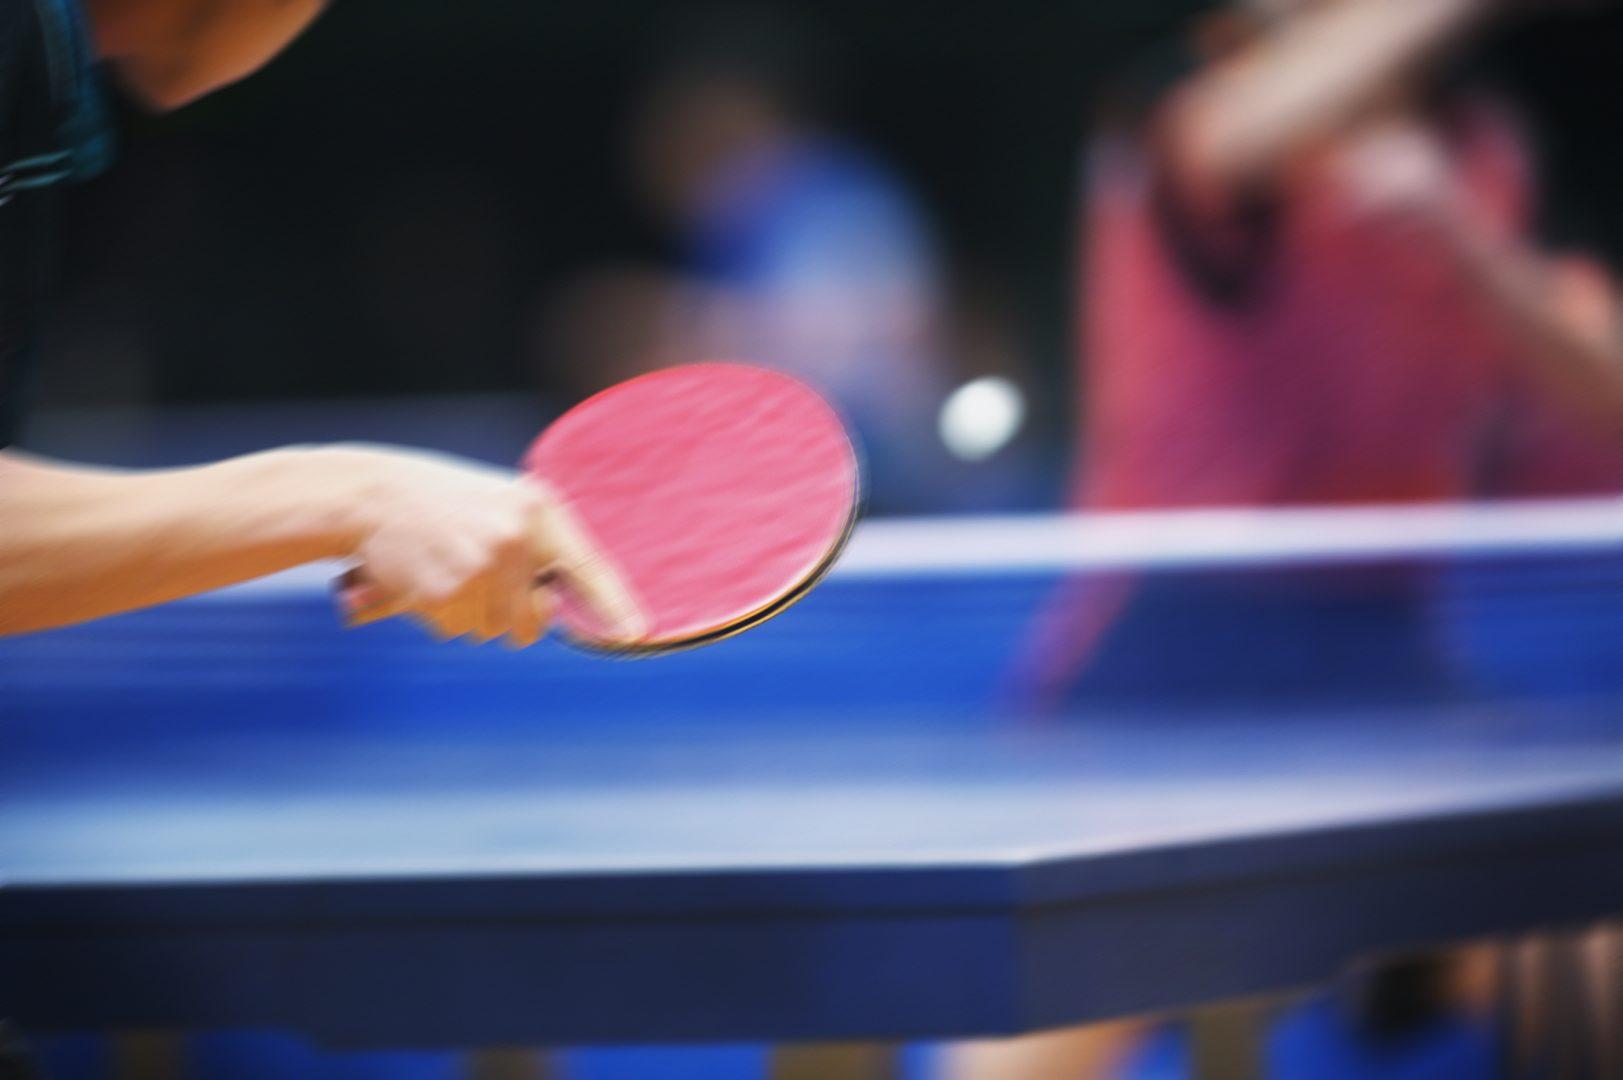 あなたは日本で何番目に卓球が強い?ラボライブの新レーティング大会参戦記